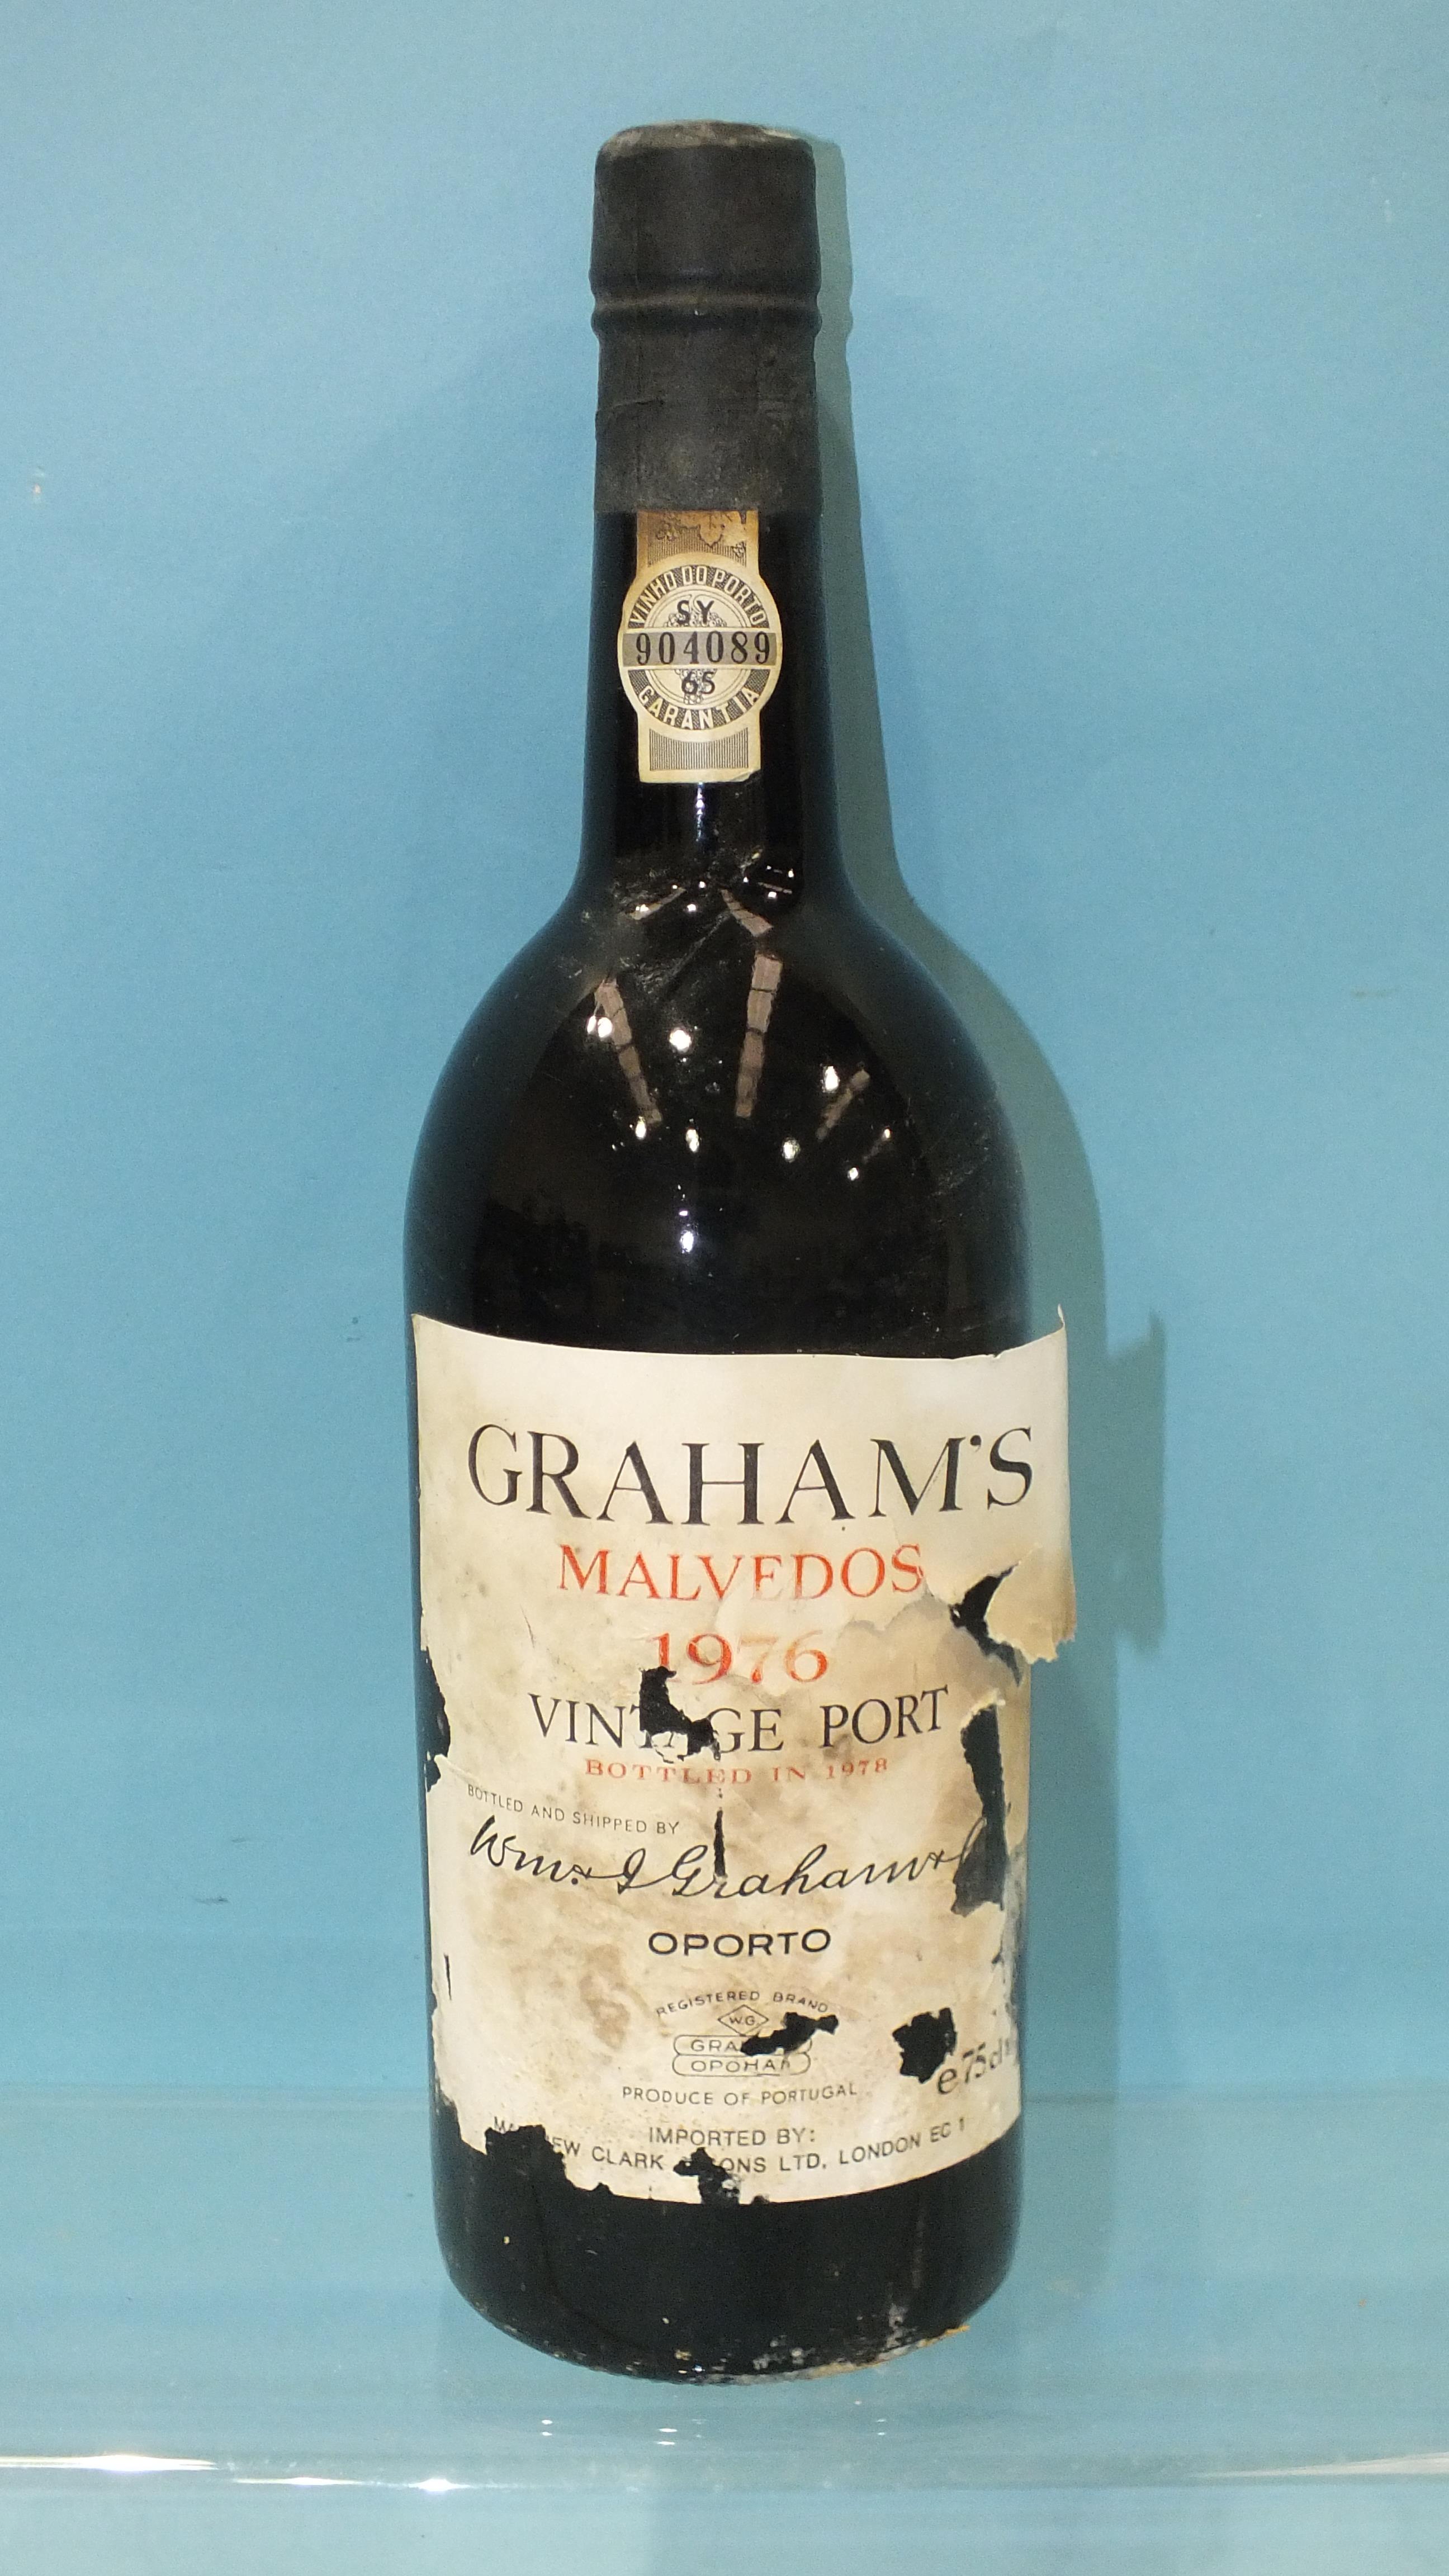 Grahams Valvedos vintage Port 1976, one bottle, (label damaged).